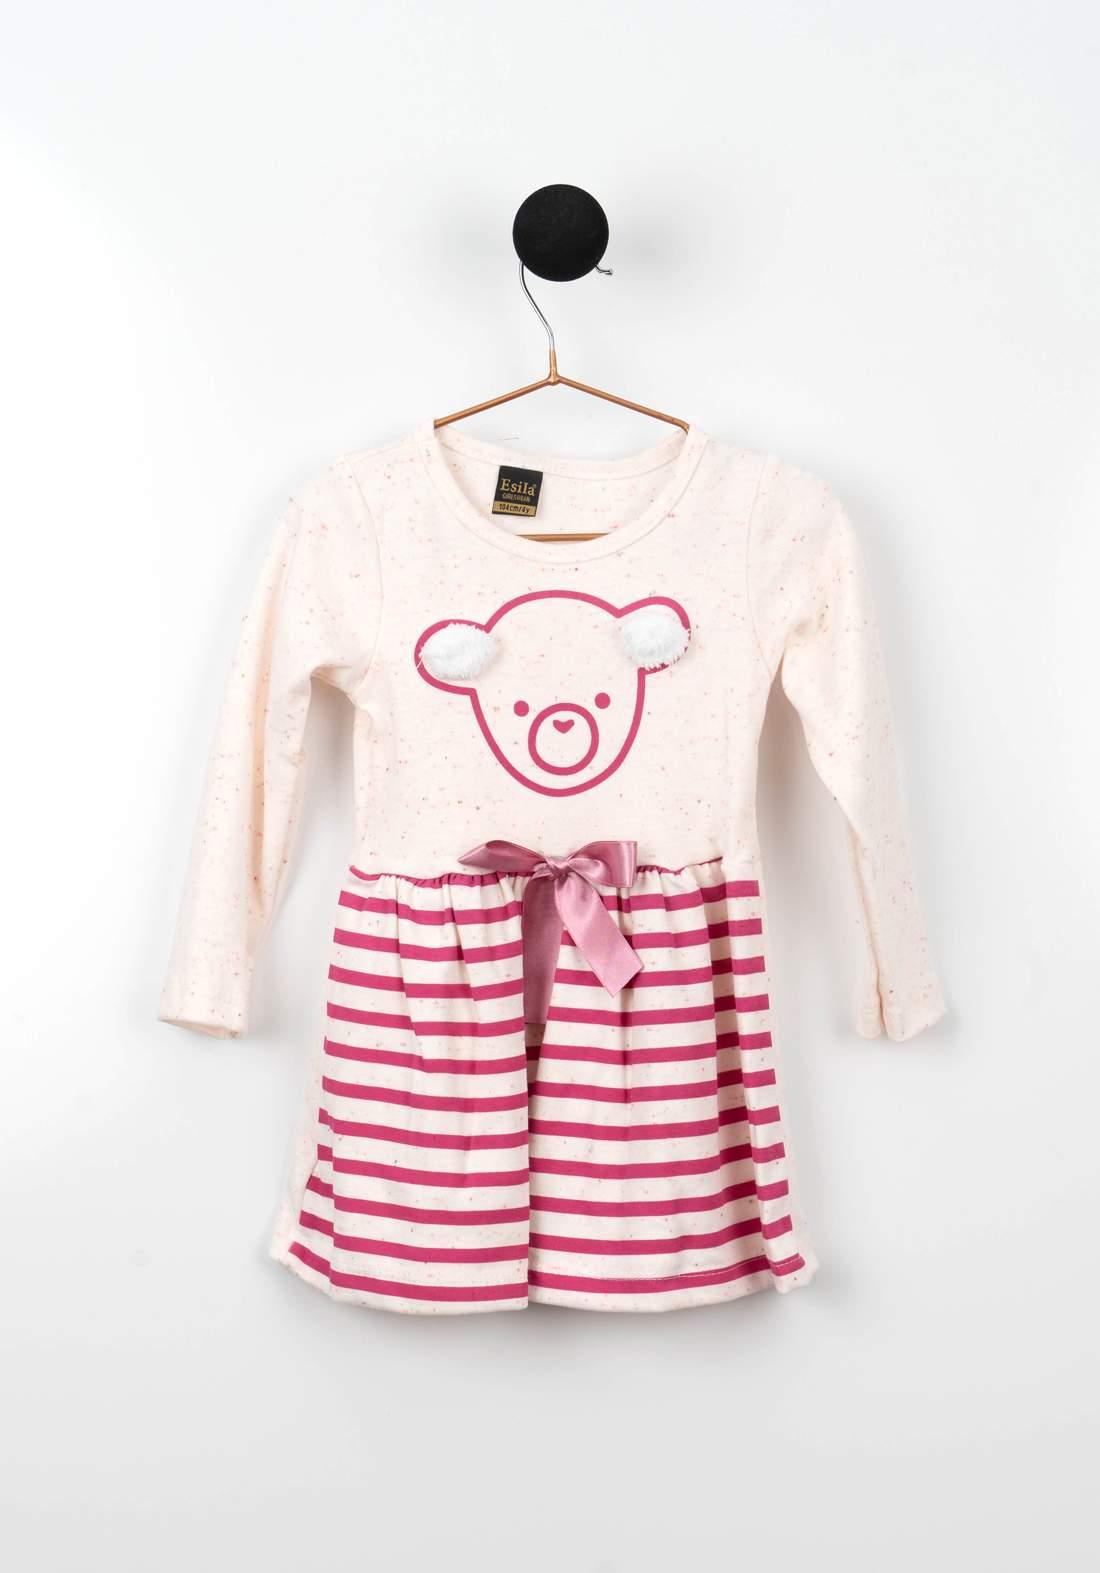 فستان بناتي ابيض ووردي اللون من Astar